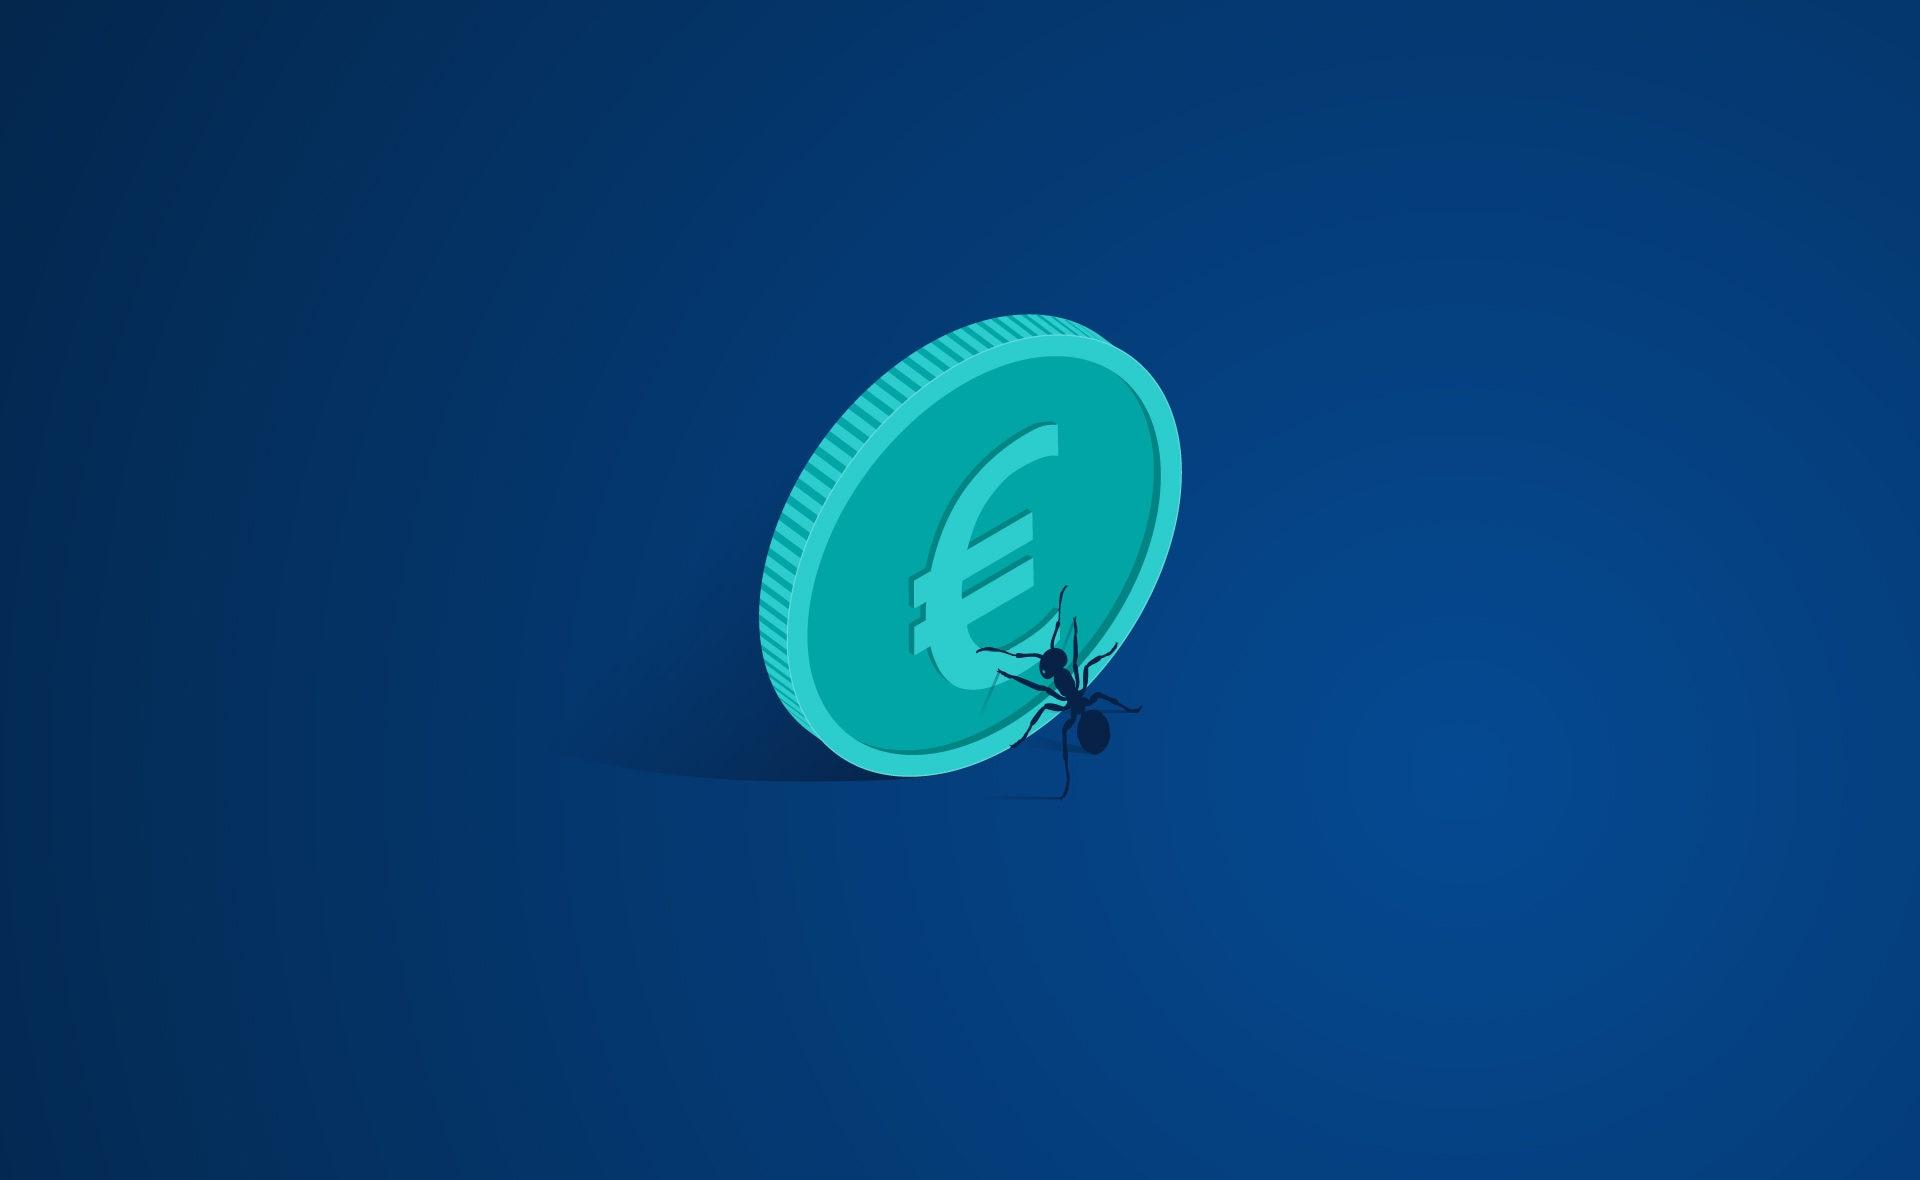 hormiga-gastos-moneda-dinero